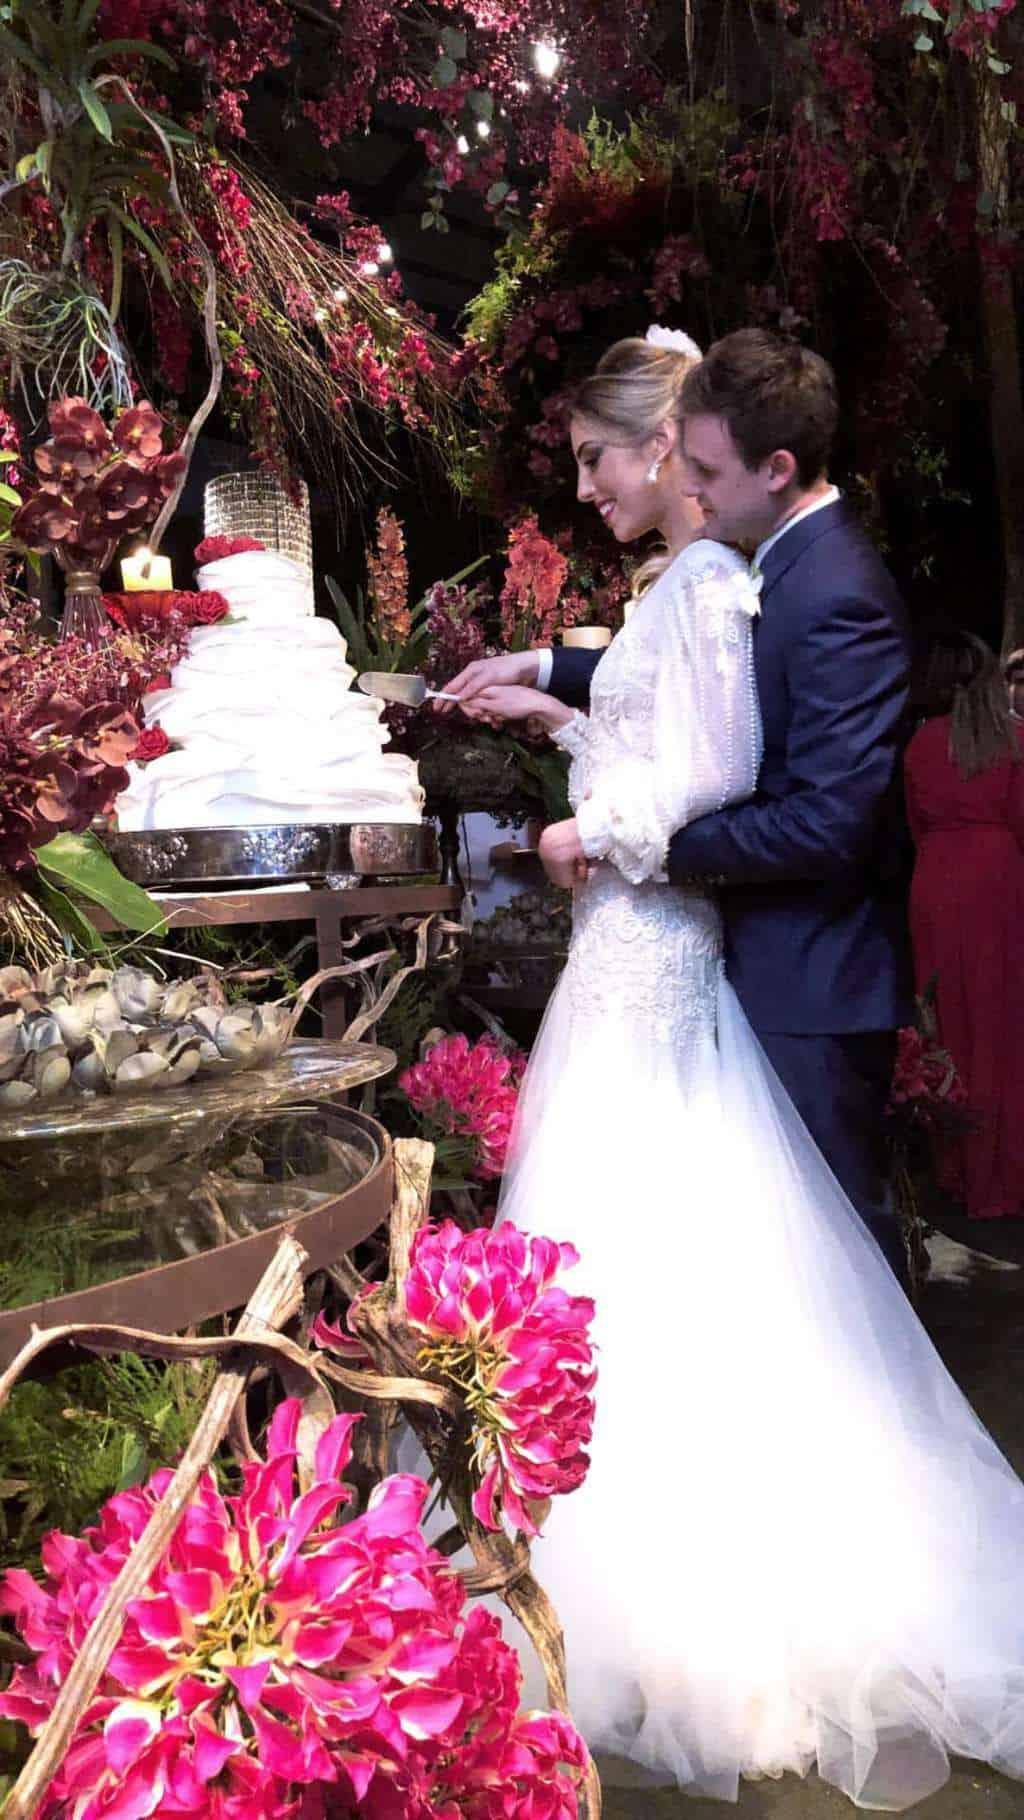 casamento-casamento-de-dia-Cissa-Sannomiya-Clube-Hipico-de-Santo-Amaro-corte-do-bolo-decor-cerimônia-decoração-decoração-rosa-marina-e-josé-Miguel-Kanashiro-pink-casamento-9